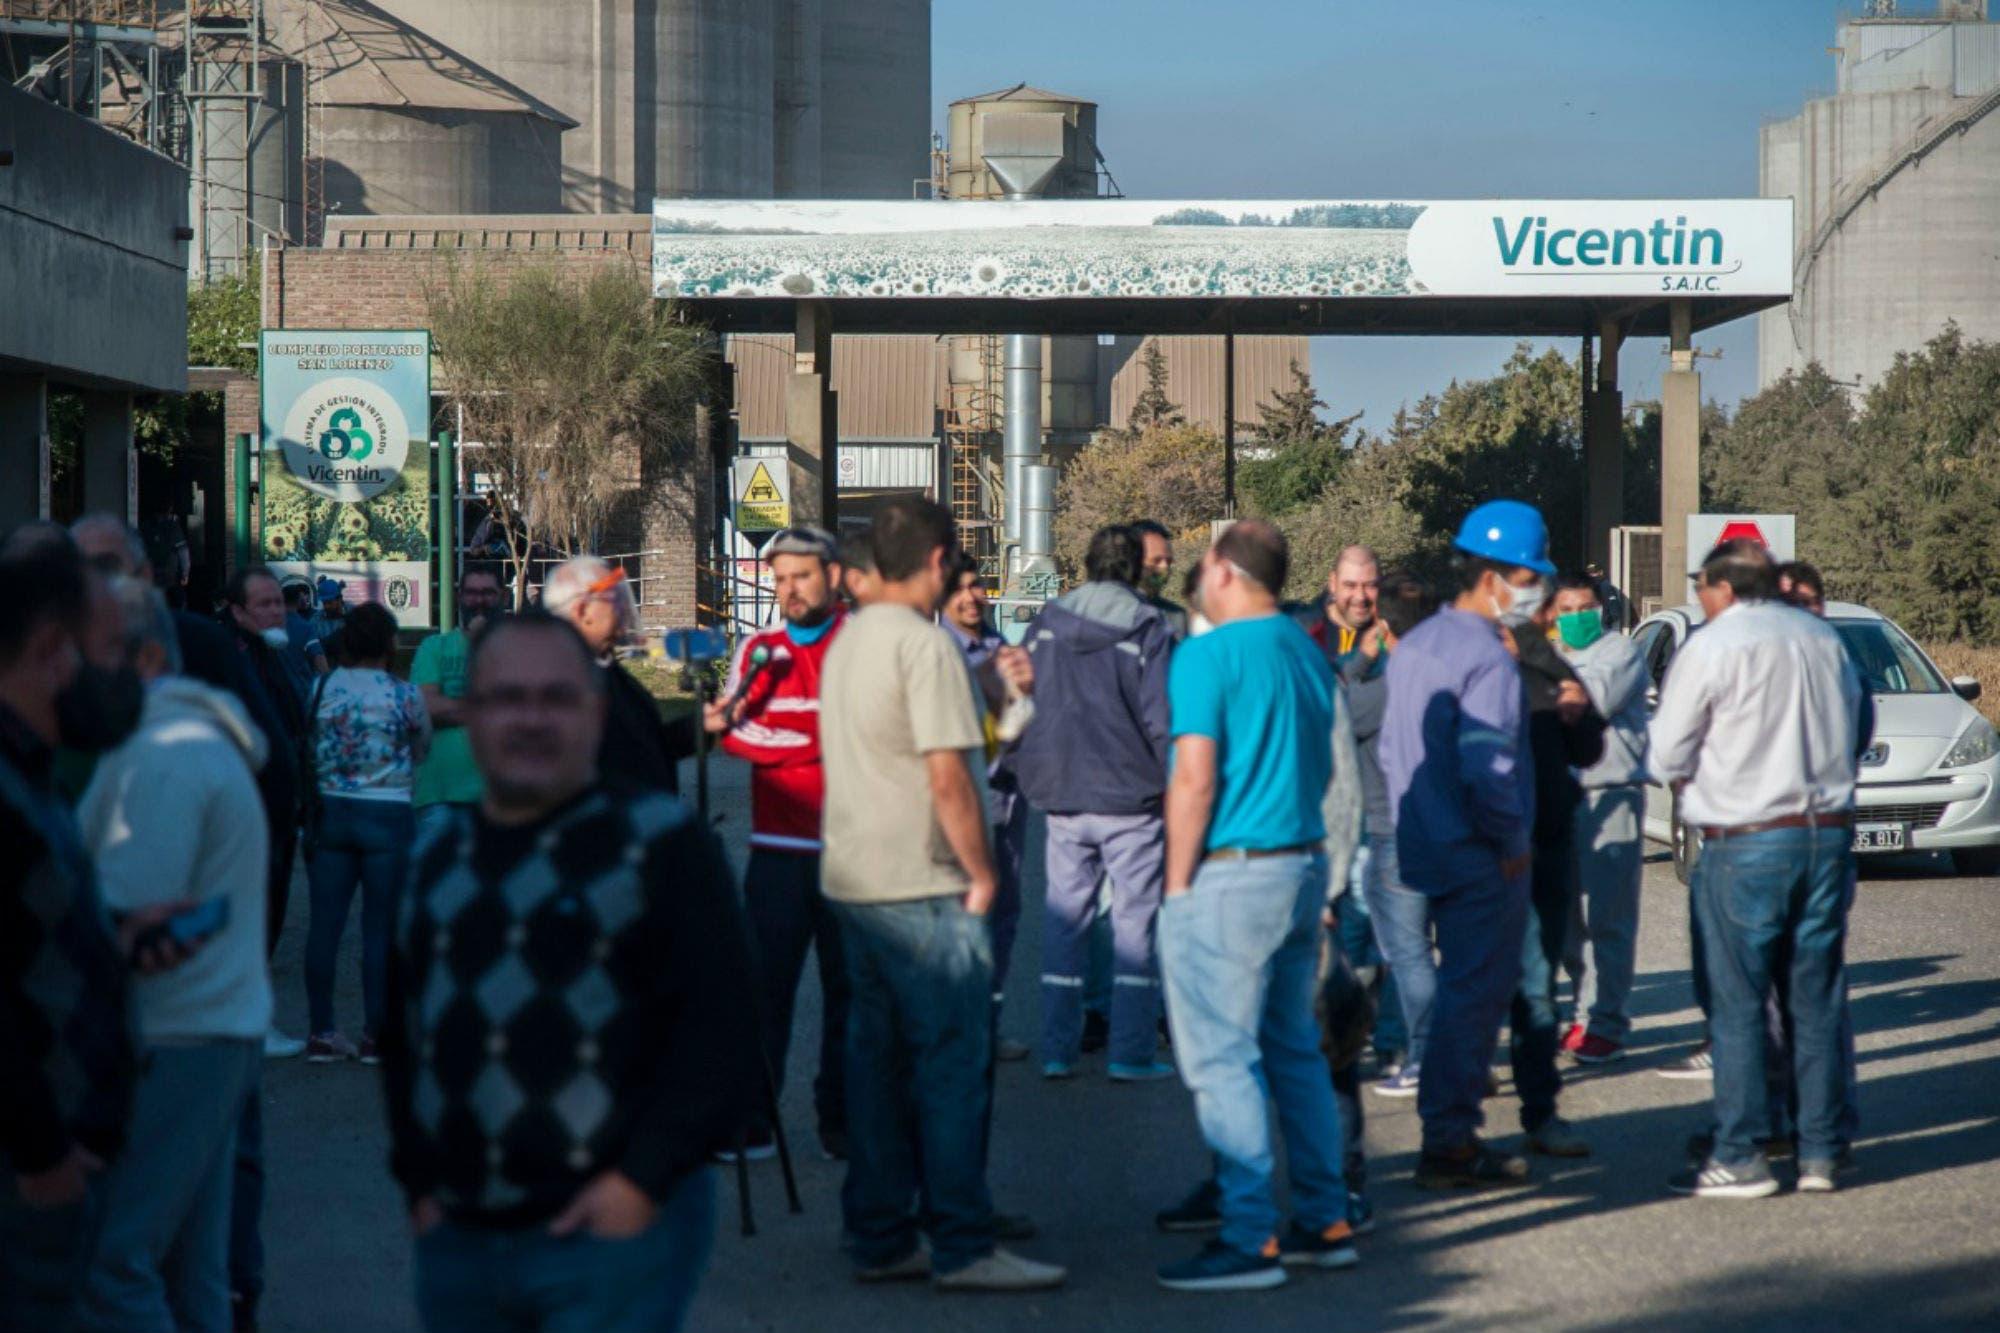 El subinterventor designado viajó a Vicentin, pero no pudo entrar a la empresa